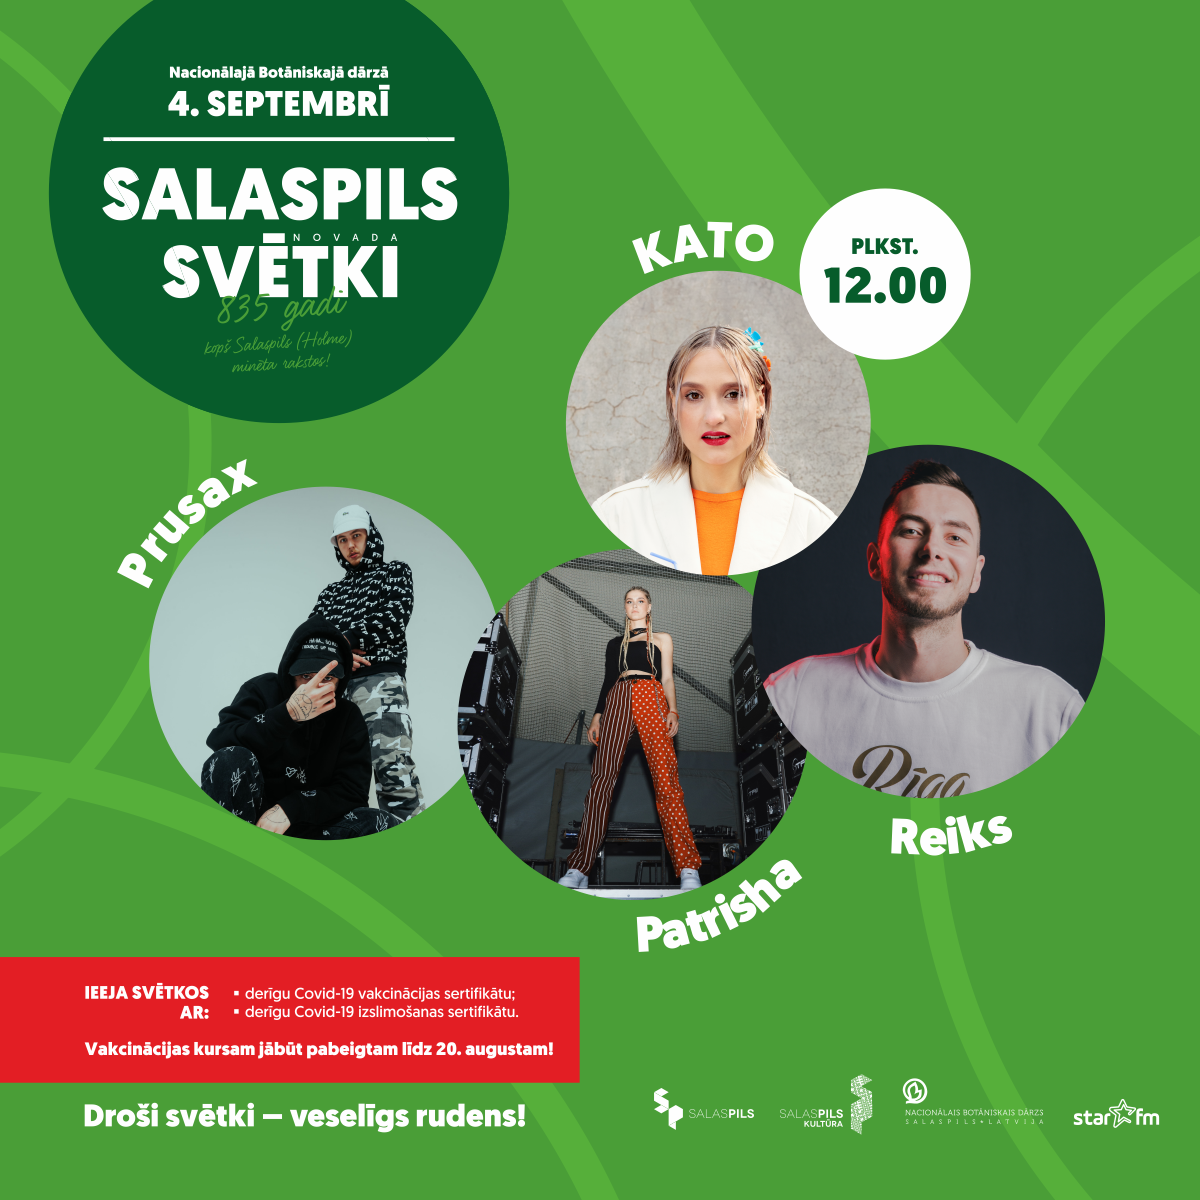 Salaspils novada svētki – 12:00 Kato, Reiks, Patrisha, Prusax